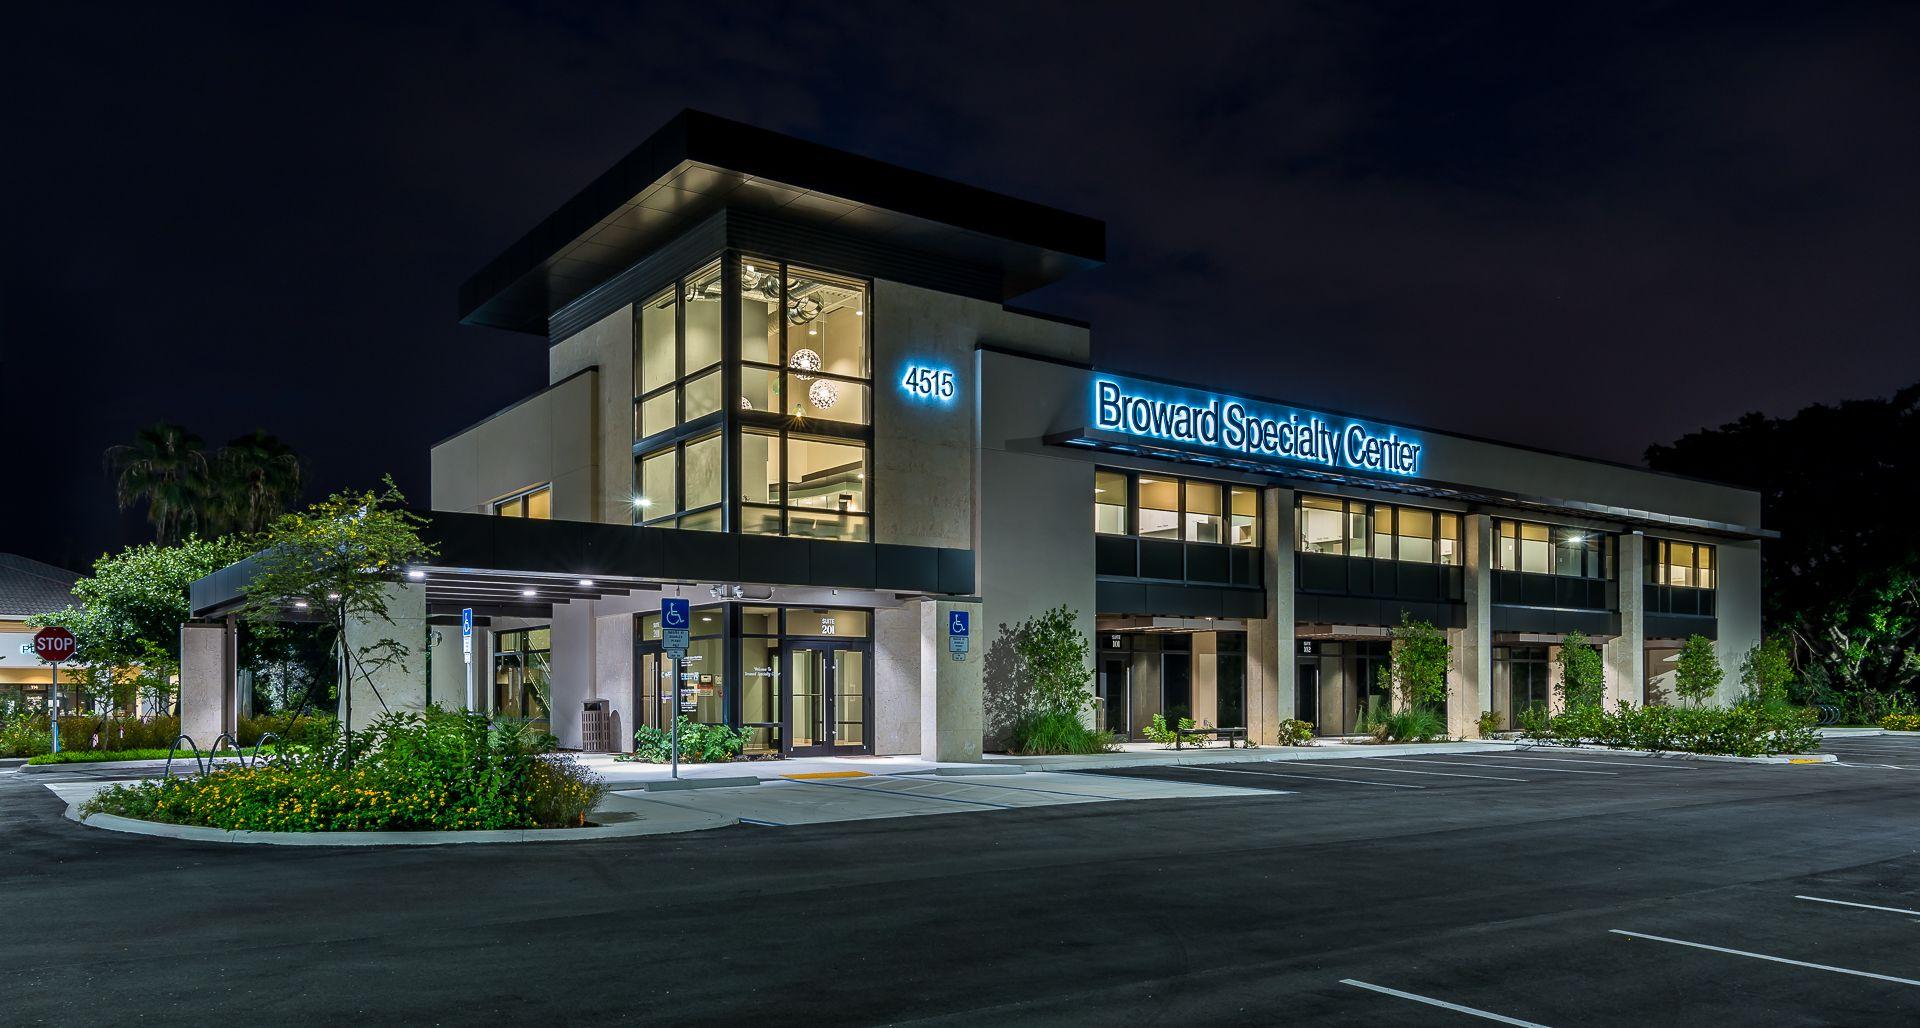 Broward specialty center in coconut creek florida we